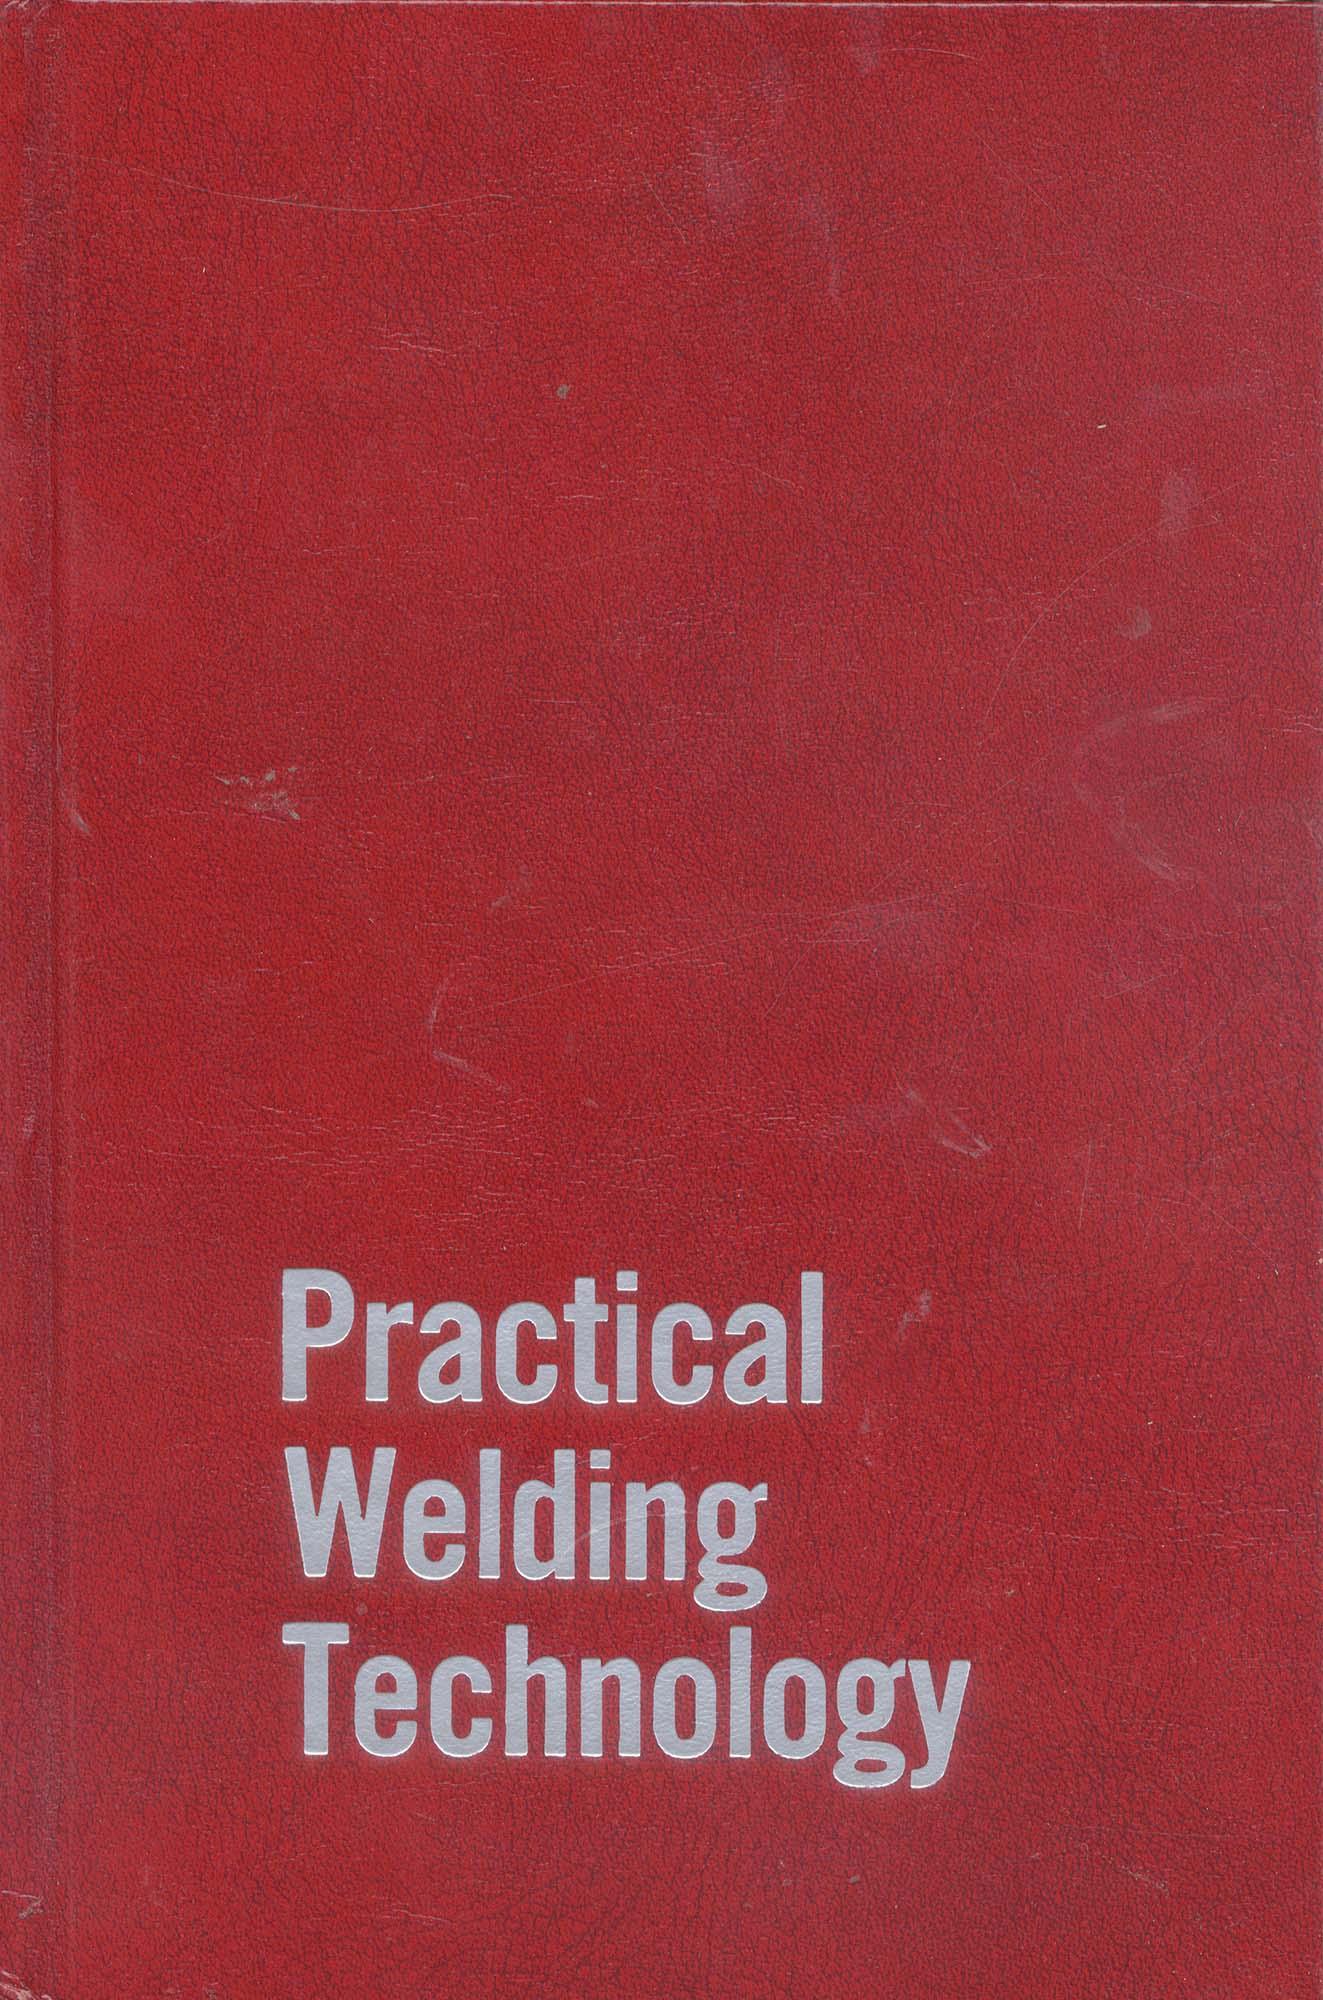 Book-Practical Welding Technology